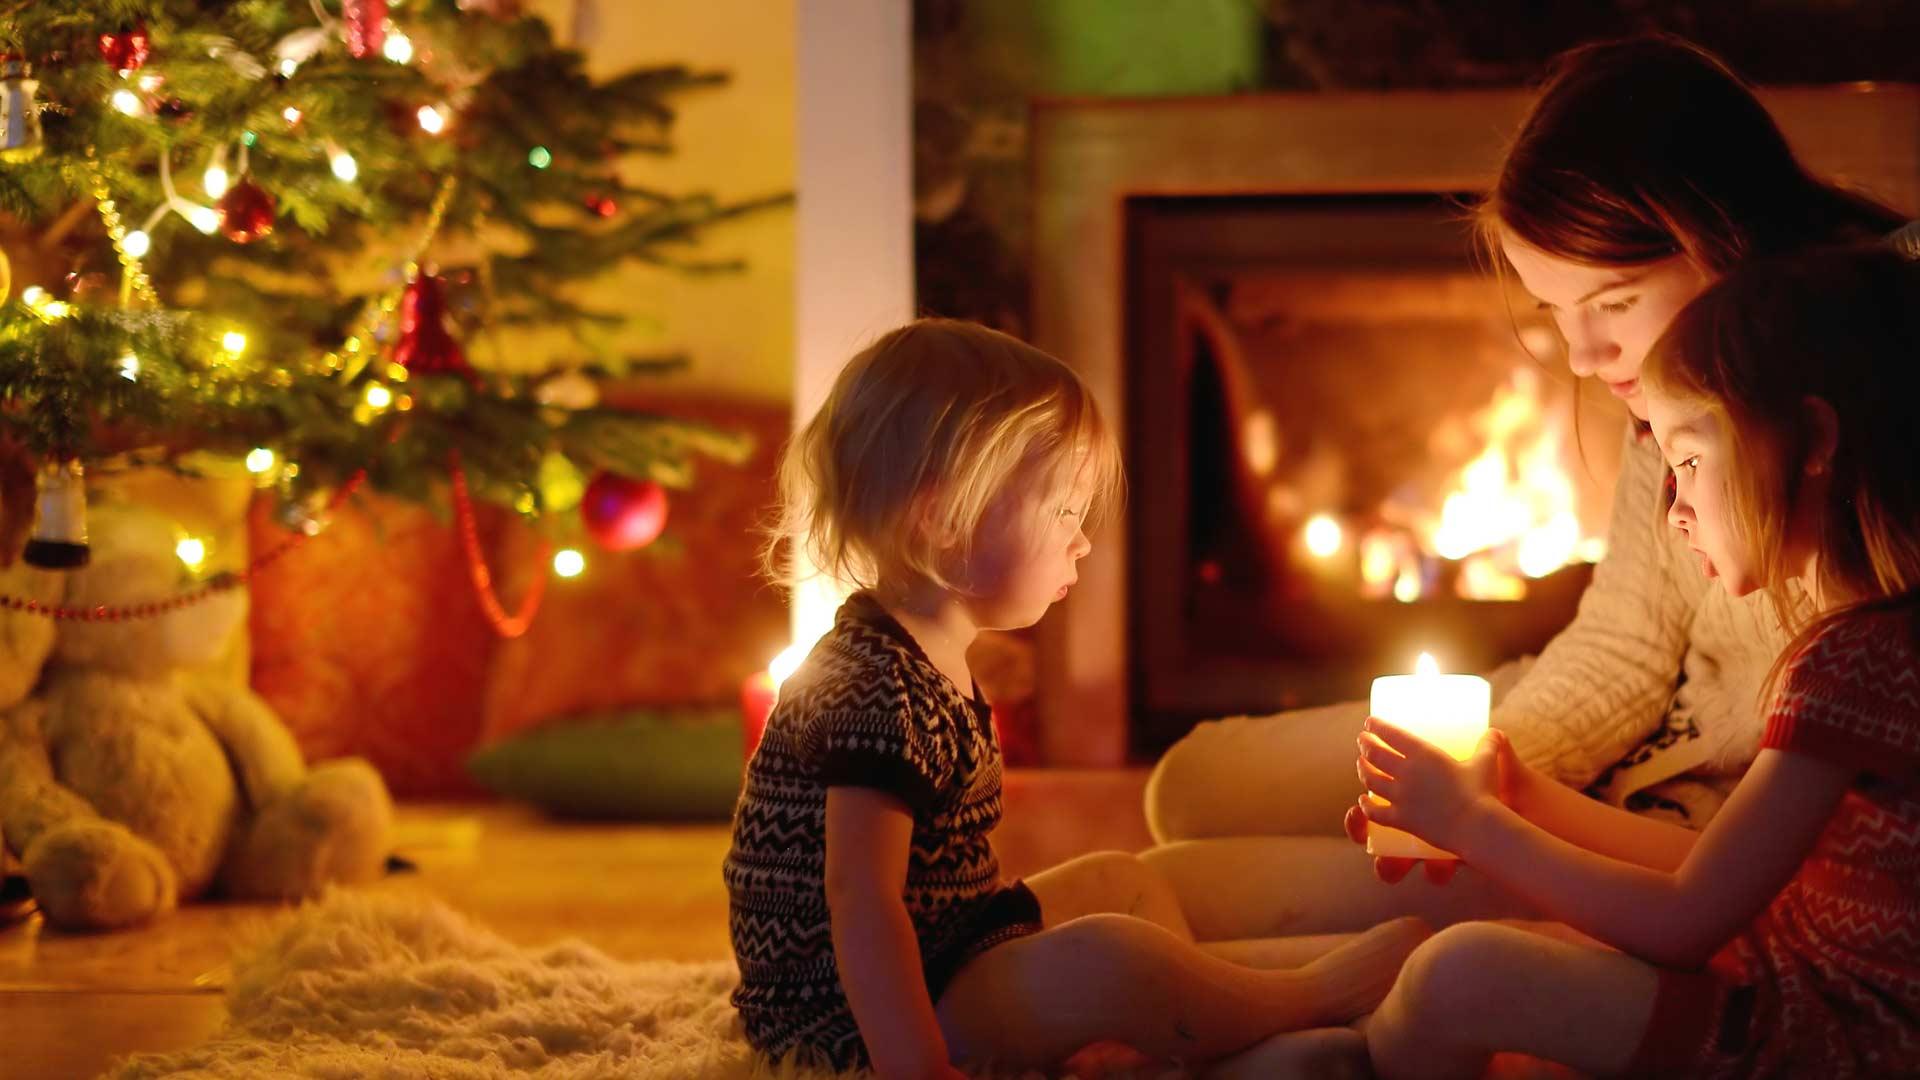 immagine rappresentativa del reparto Natale del brico ok corigliano